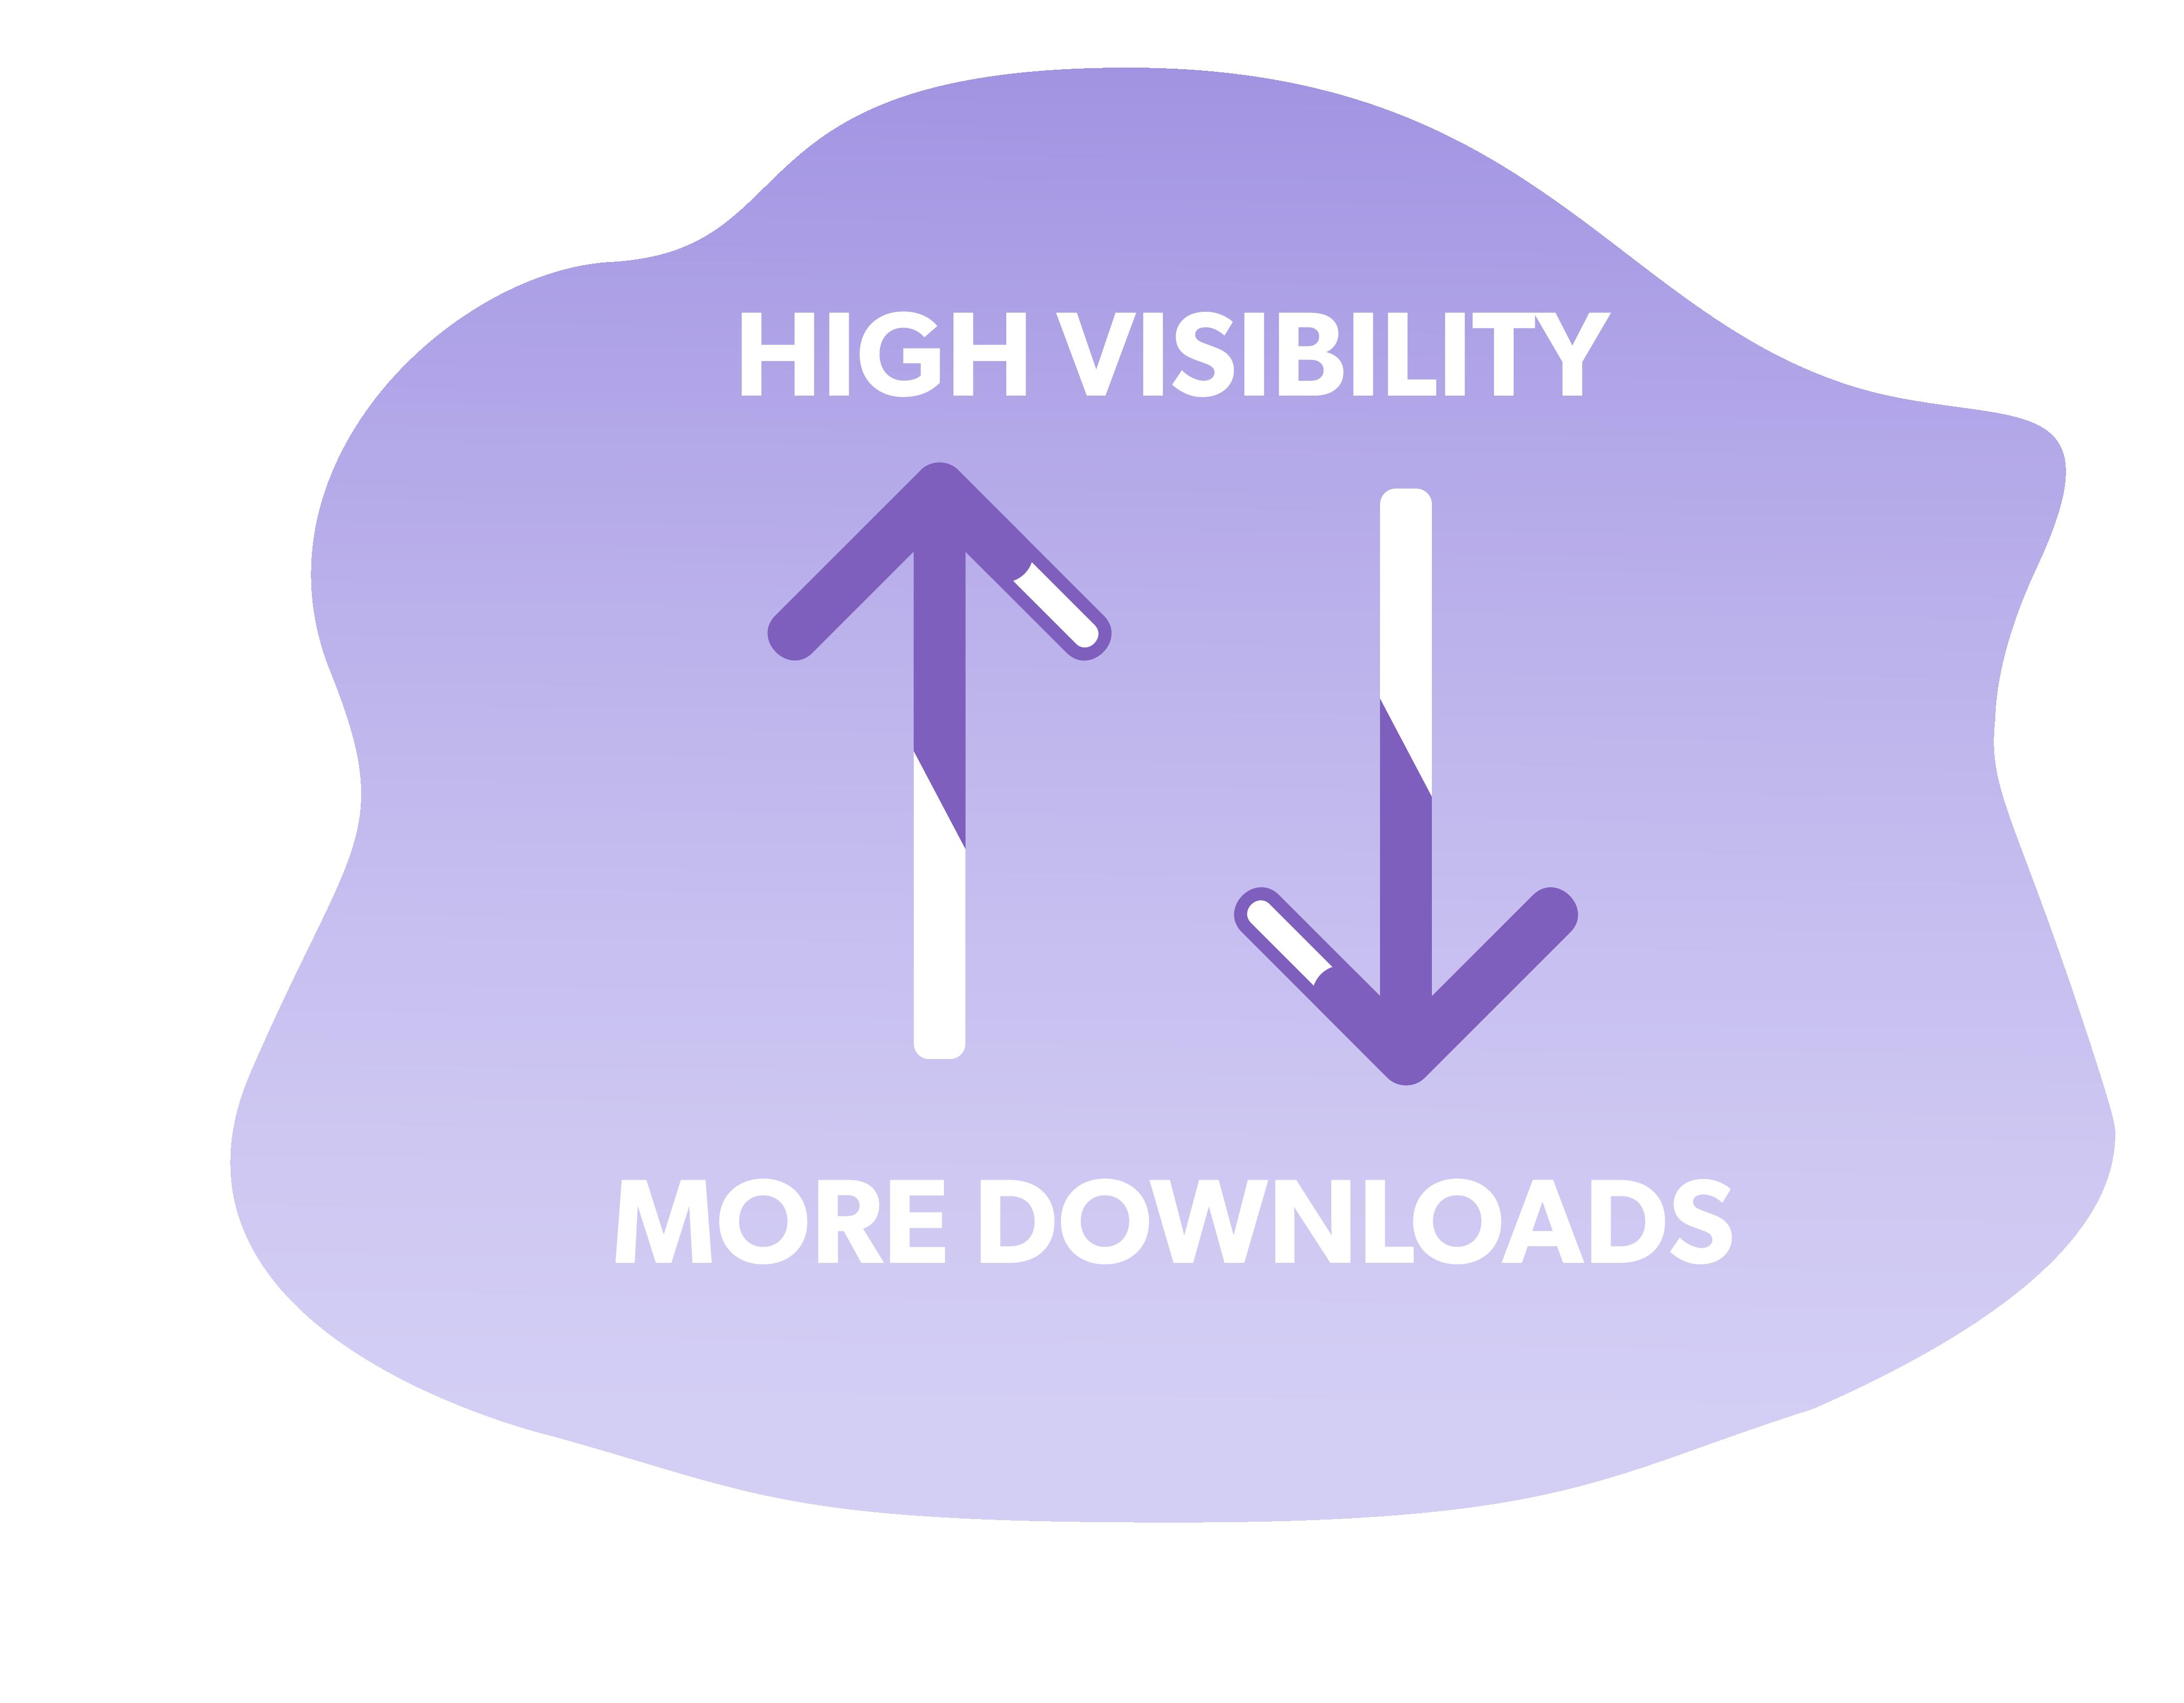 Alto posizionamento = maggior numero di downloads